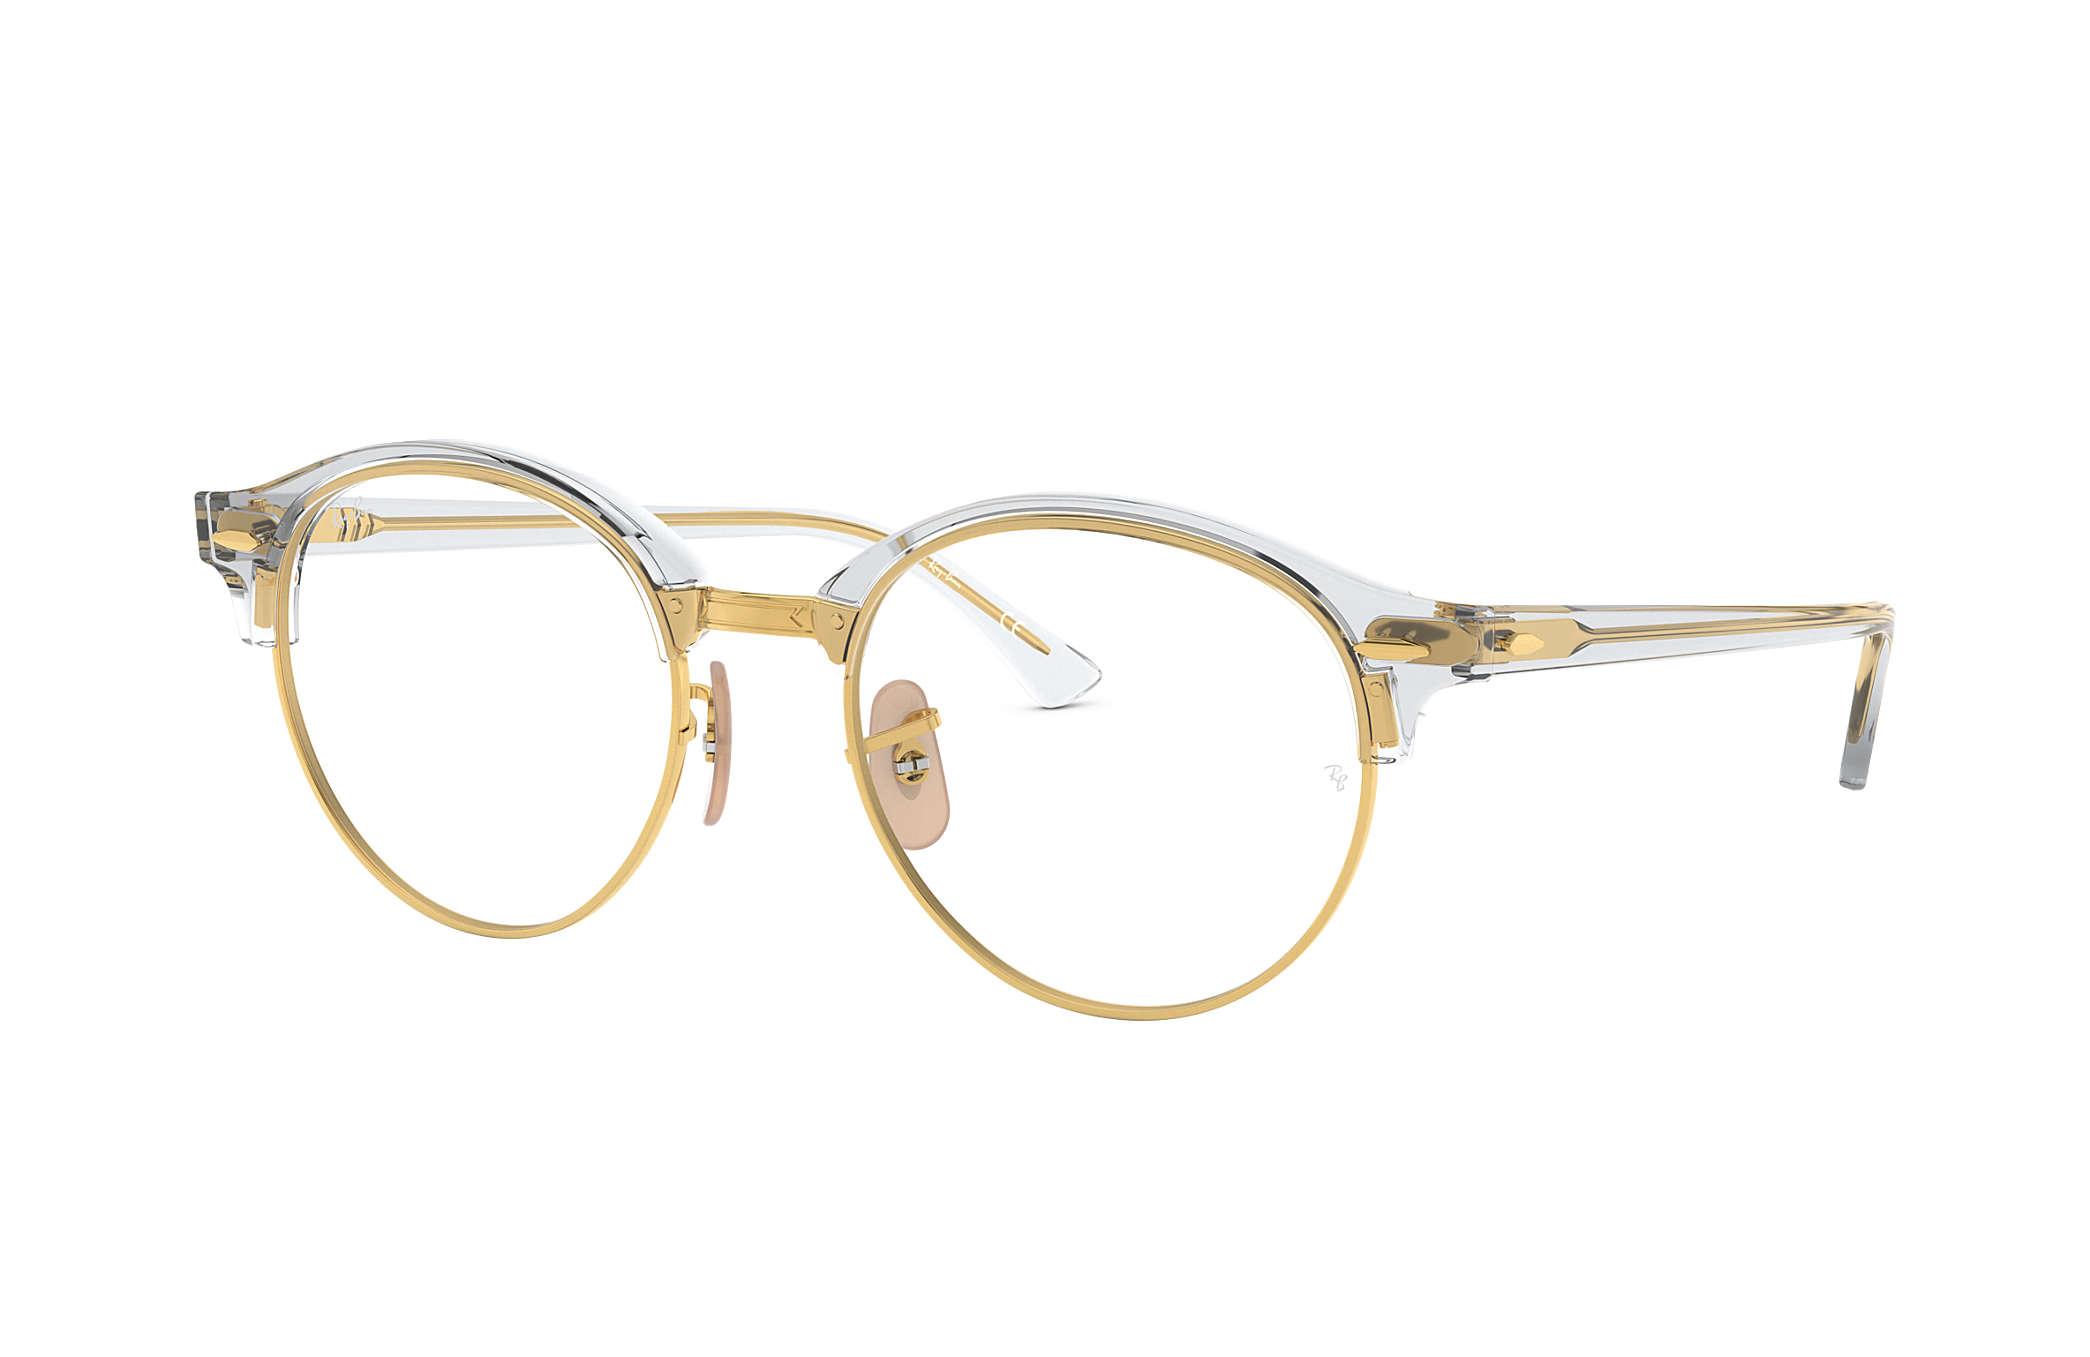 f115107238e82 Ray-Ban prescription glasses Clubround Optics RB4246V Transparent ...